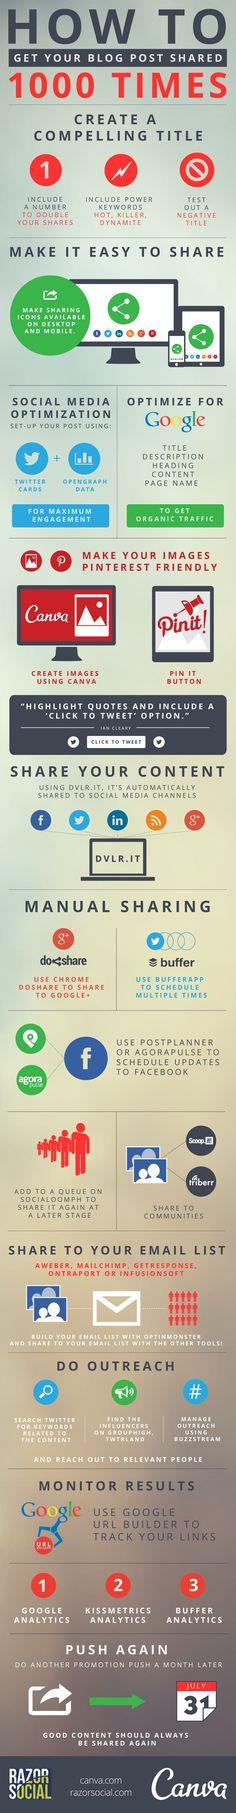 Hoe zorg je ervoor dat jouw artikel wordt gedeeld? - via @Vinciane Fesquet